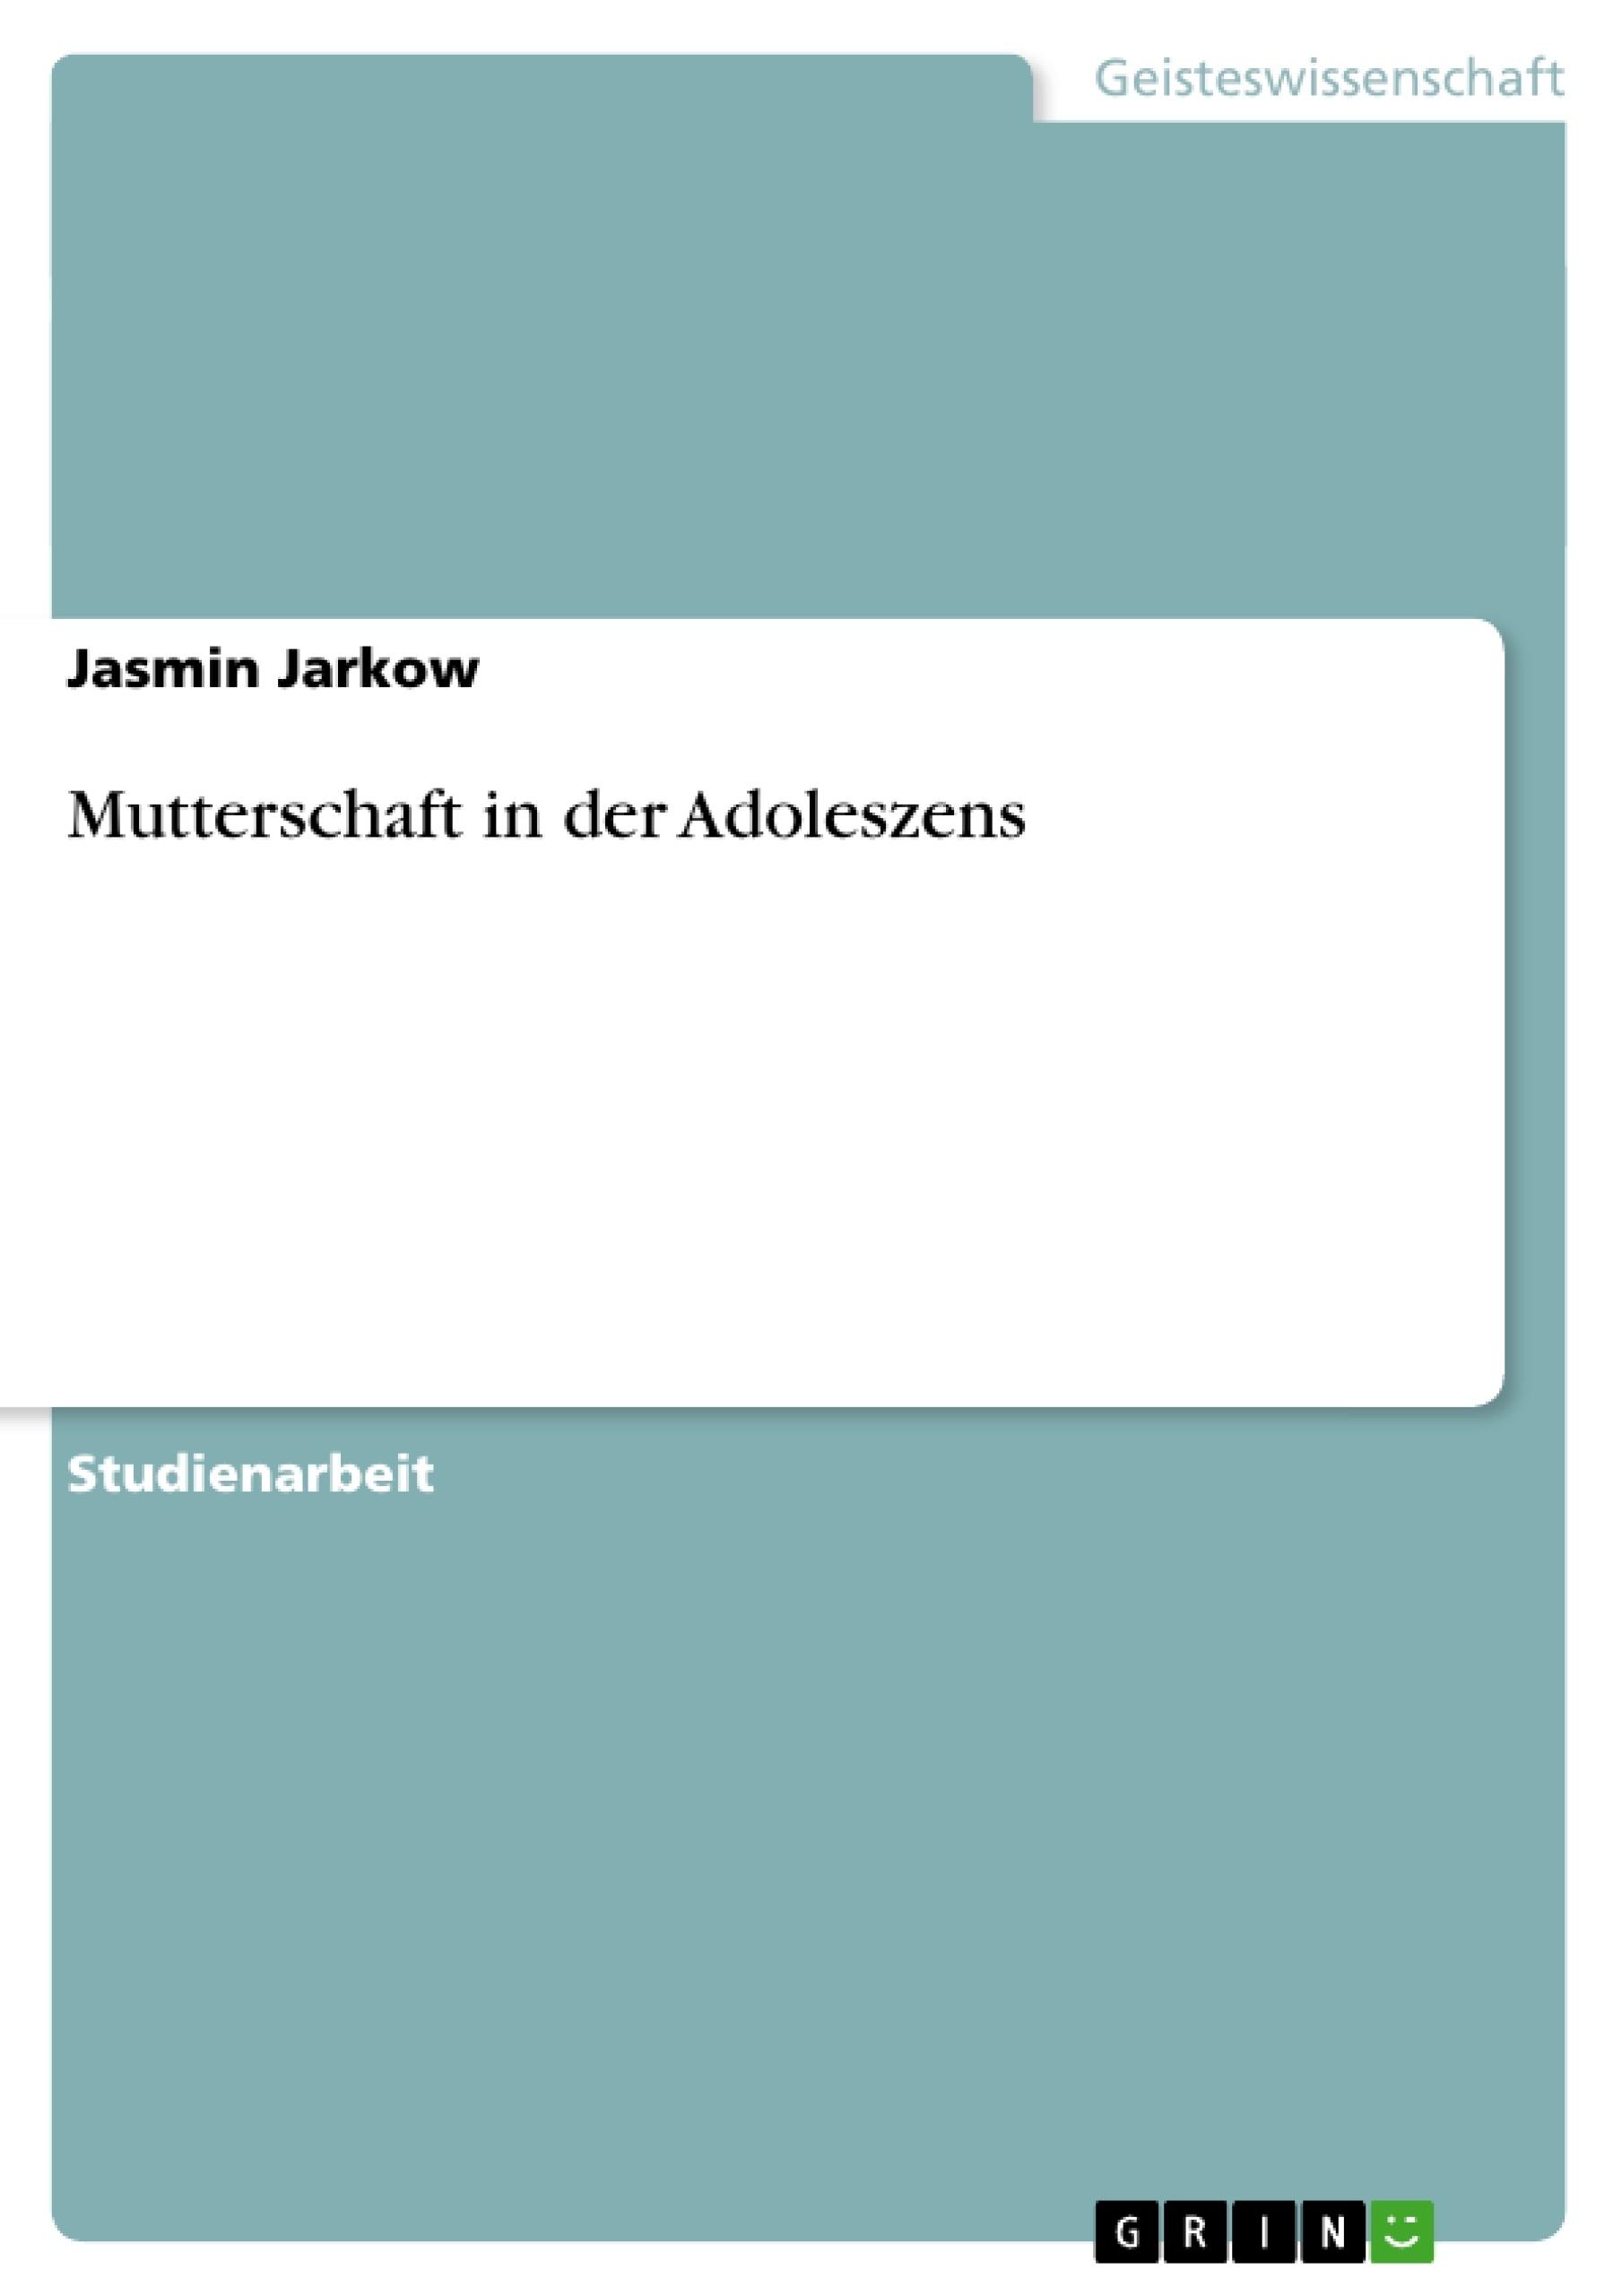 Titel: Mutterschaft in der Adoleszens